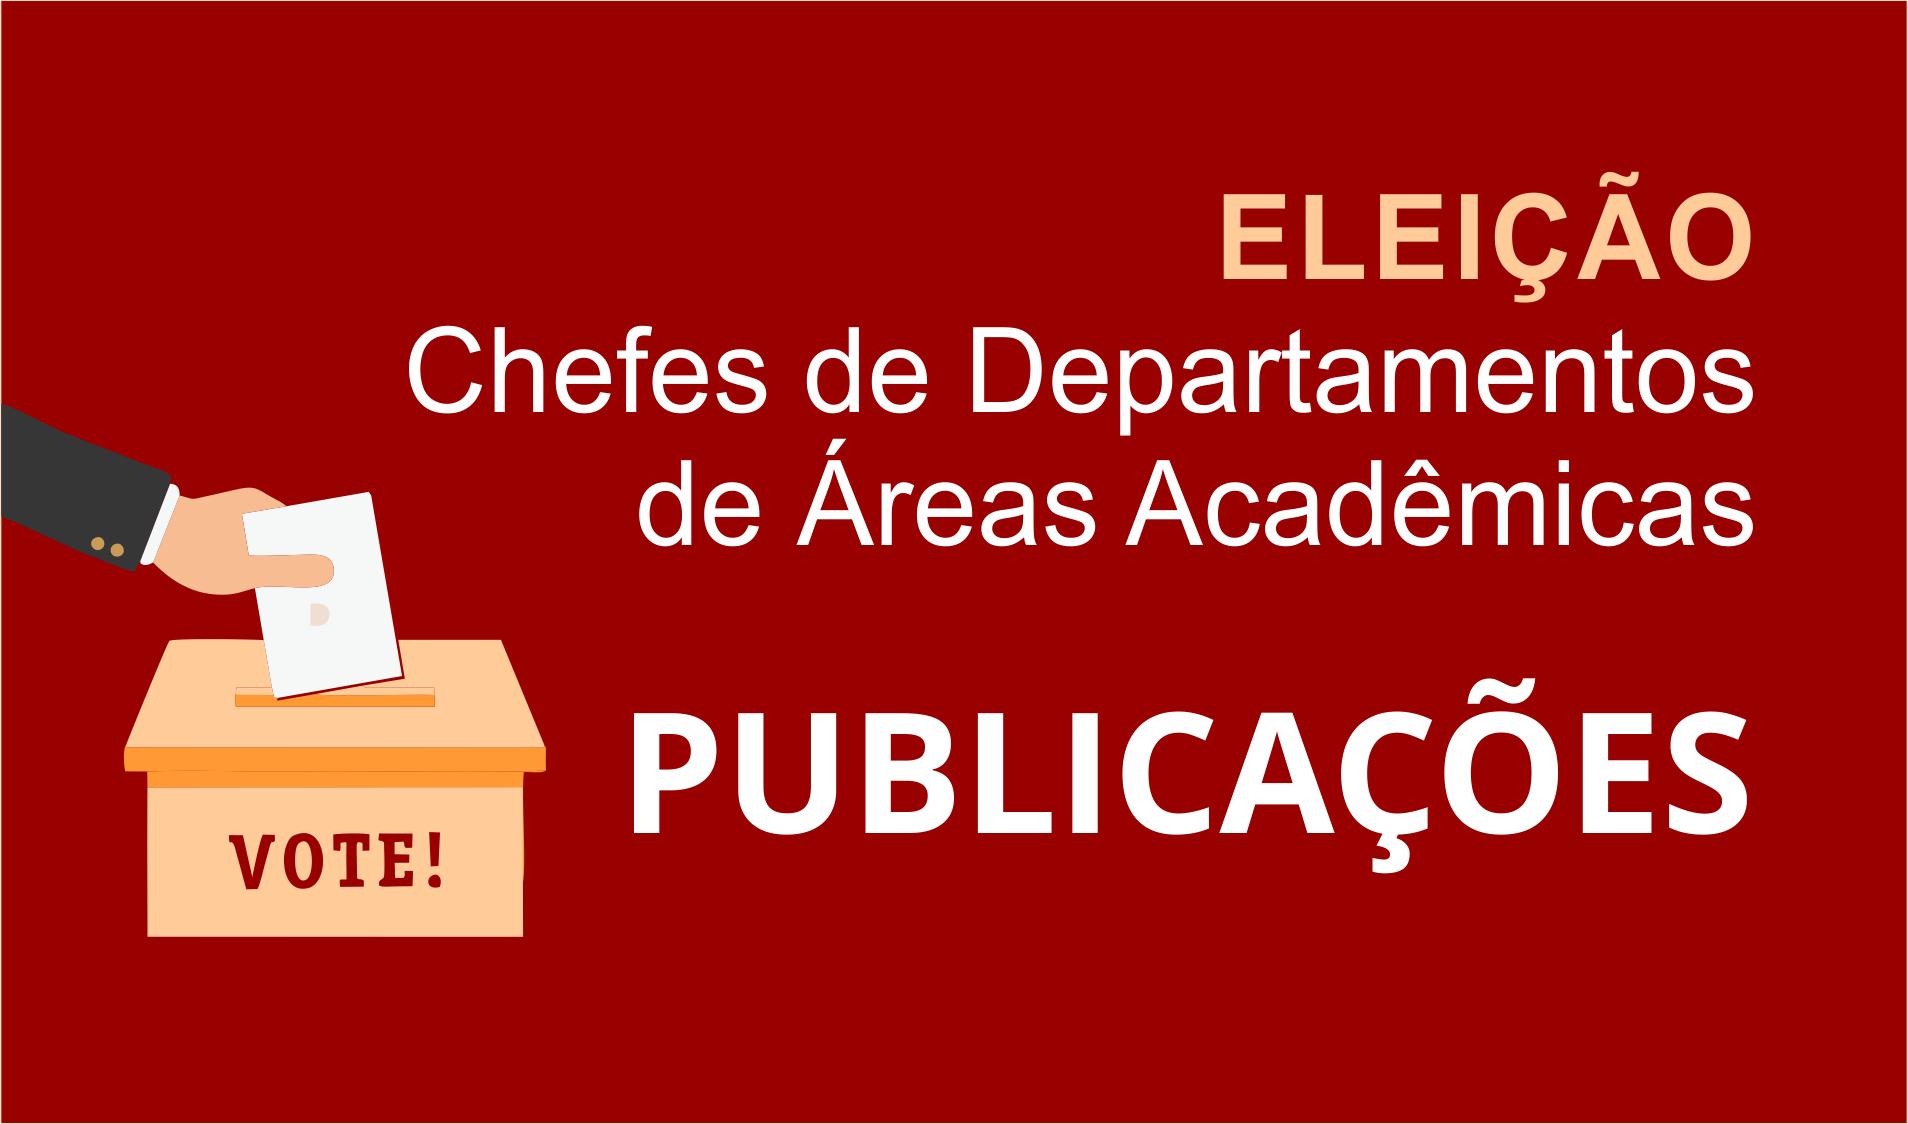 Eleição Chefe Departamentos 2,3 e 4 de 2018